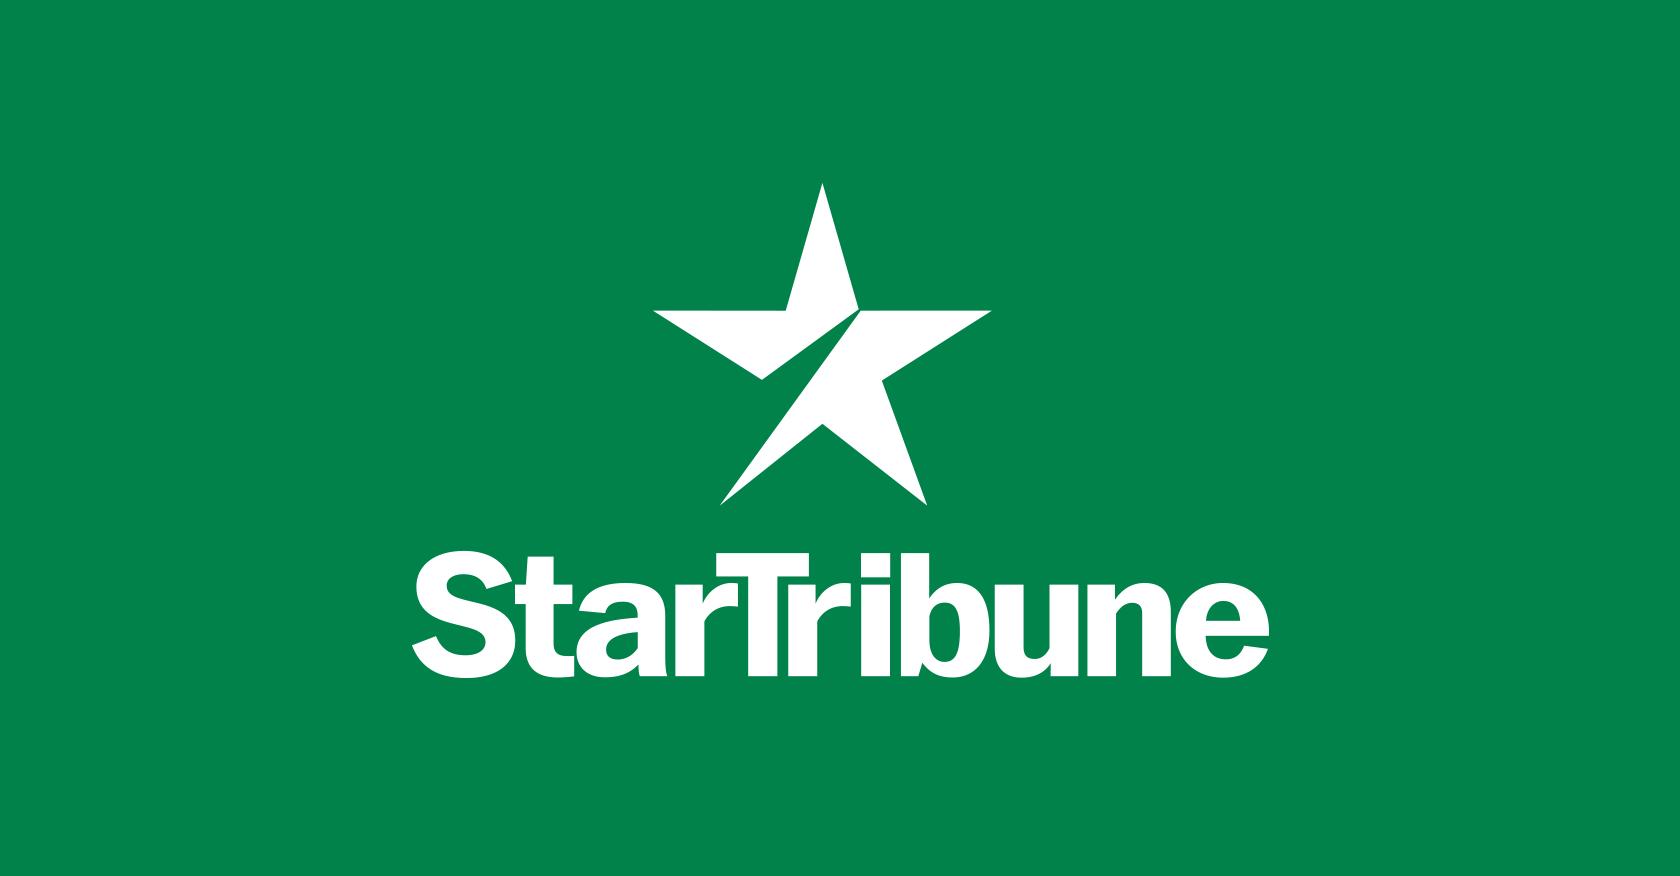 le aziende fintech stanno lottando per i tuoi risparmi con alti rendimenti star tribune 1 - Le aziende Fintech stanno lottando per i tuoi risparmi con alti rendimenti - Star Tribune